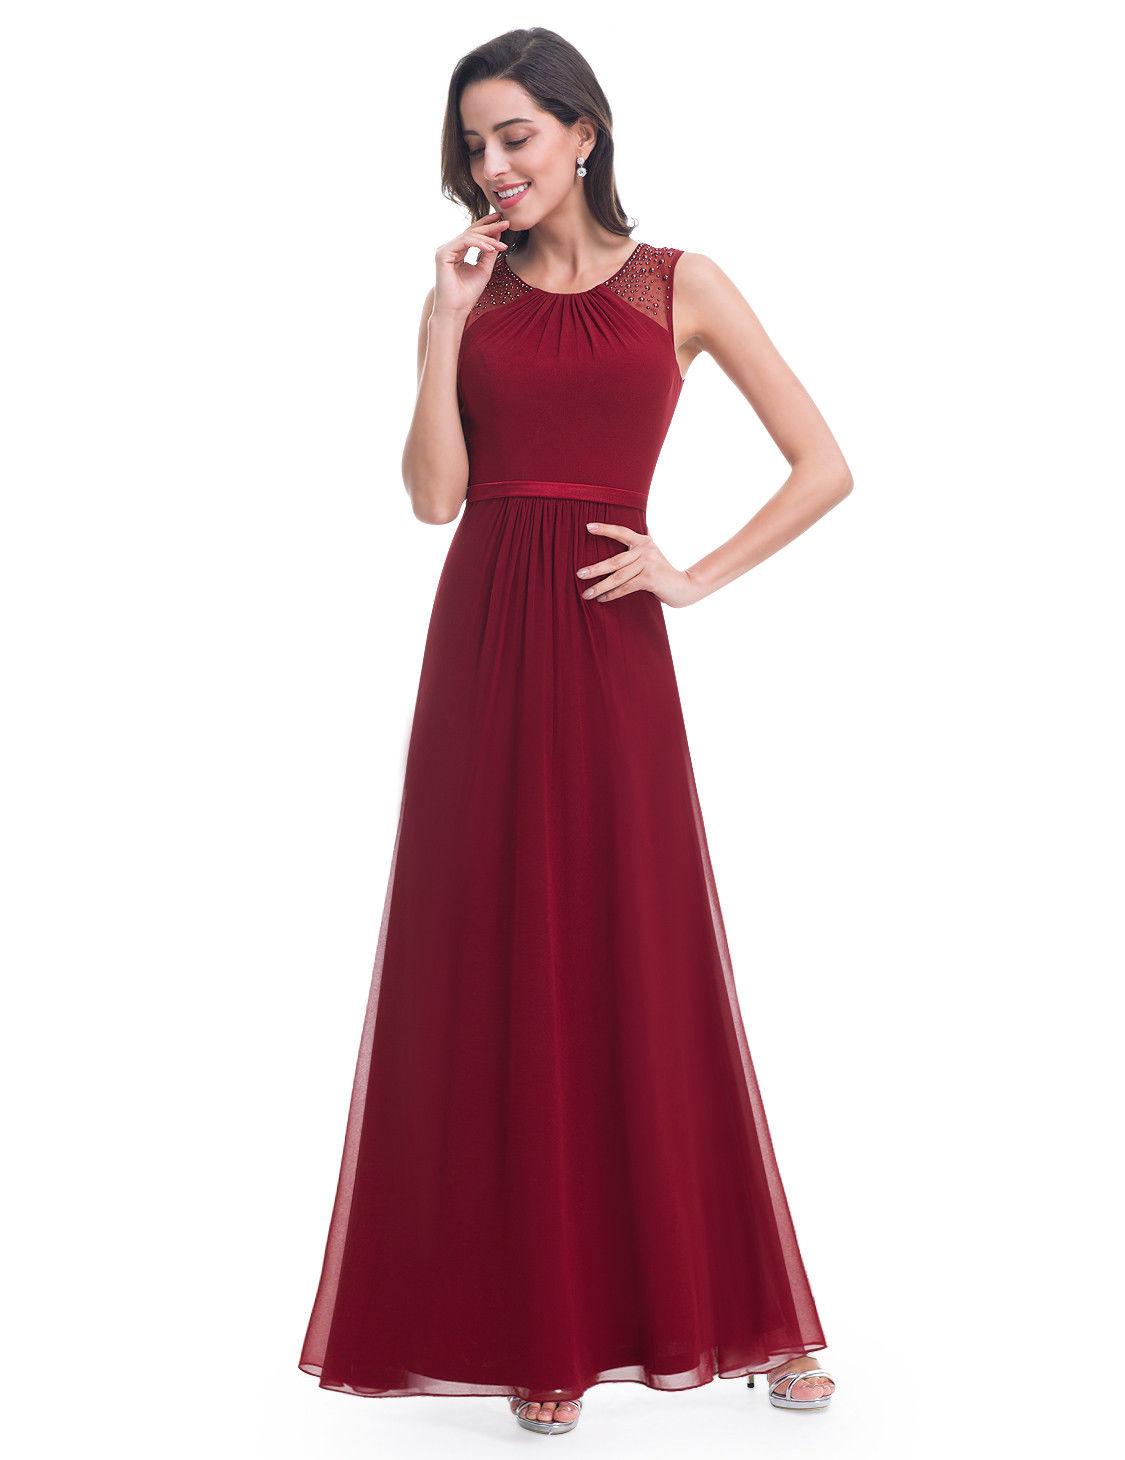 2d2c366c40e Vínové dlouhé společenské svatební šaty na hrubší ramínka 38 M ...